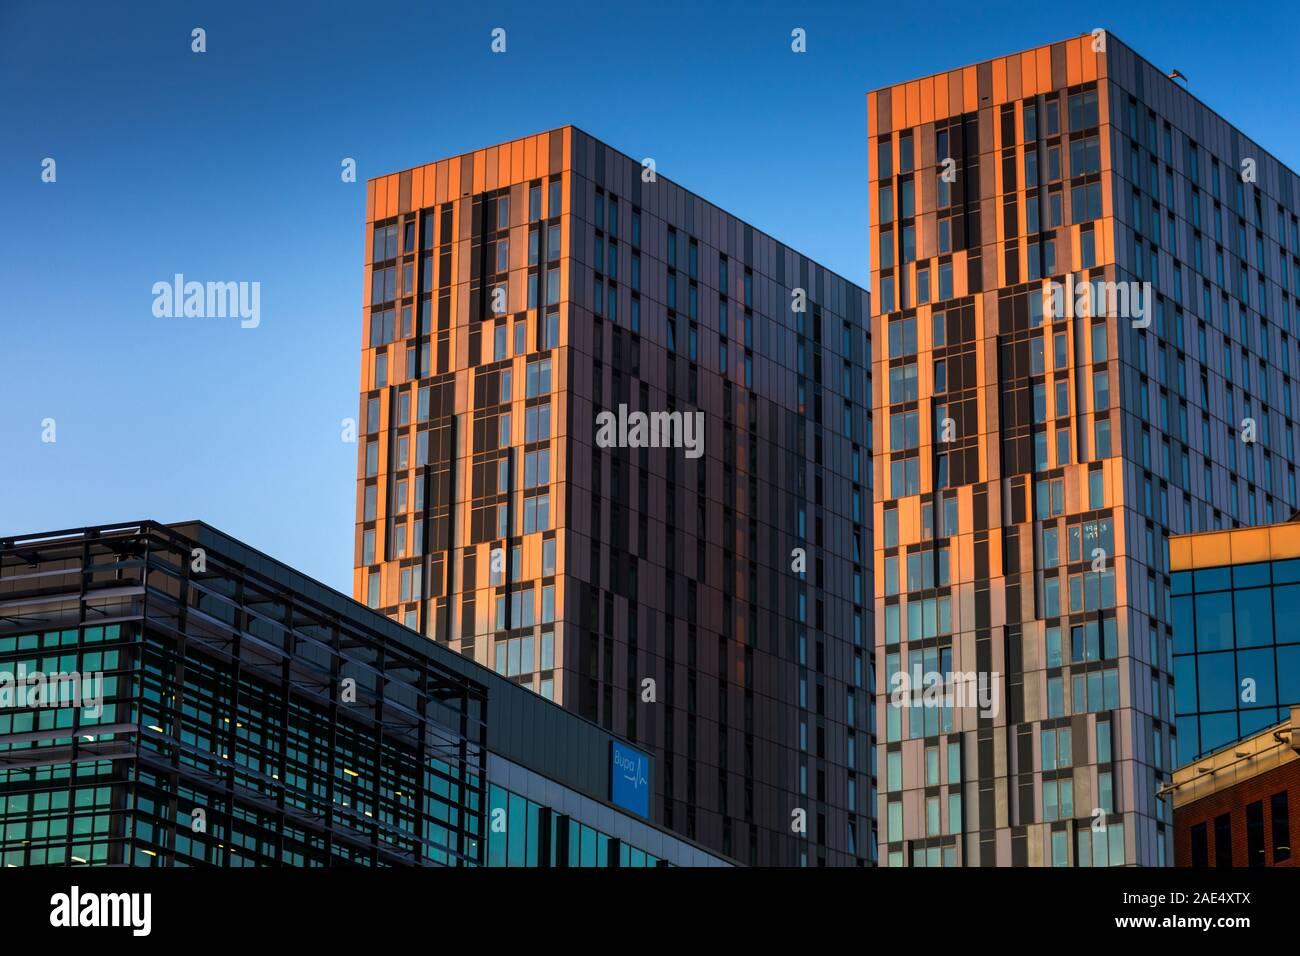 Coucher de soleil sur le X1, blocs appartements MediaCity Salford Quays, Manchester, Royaume-Uni. Banque D'Images